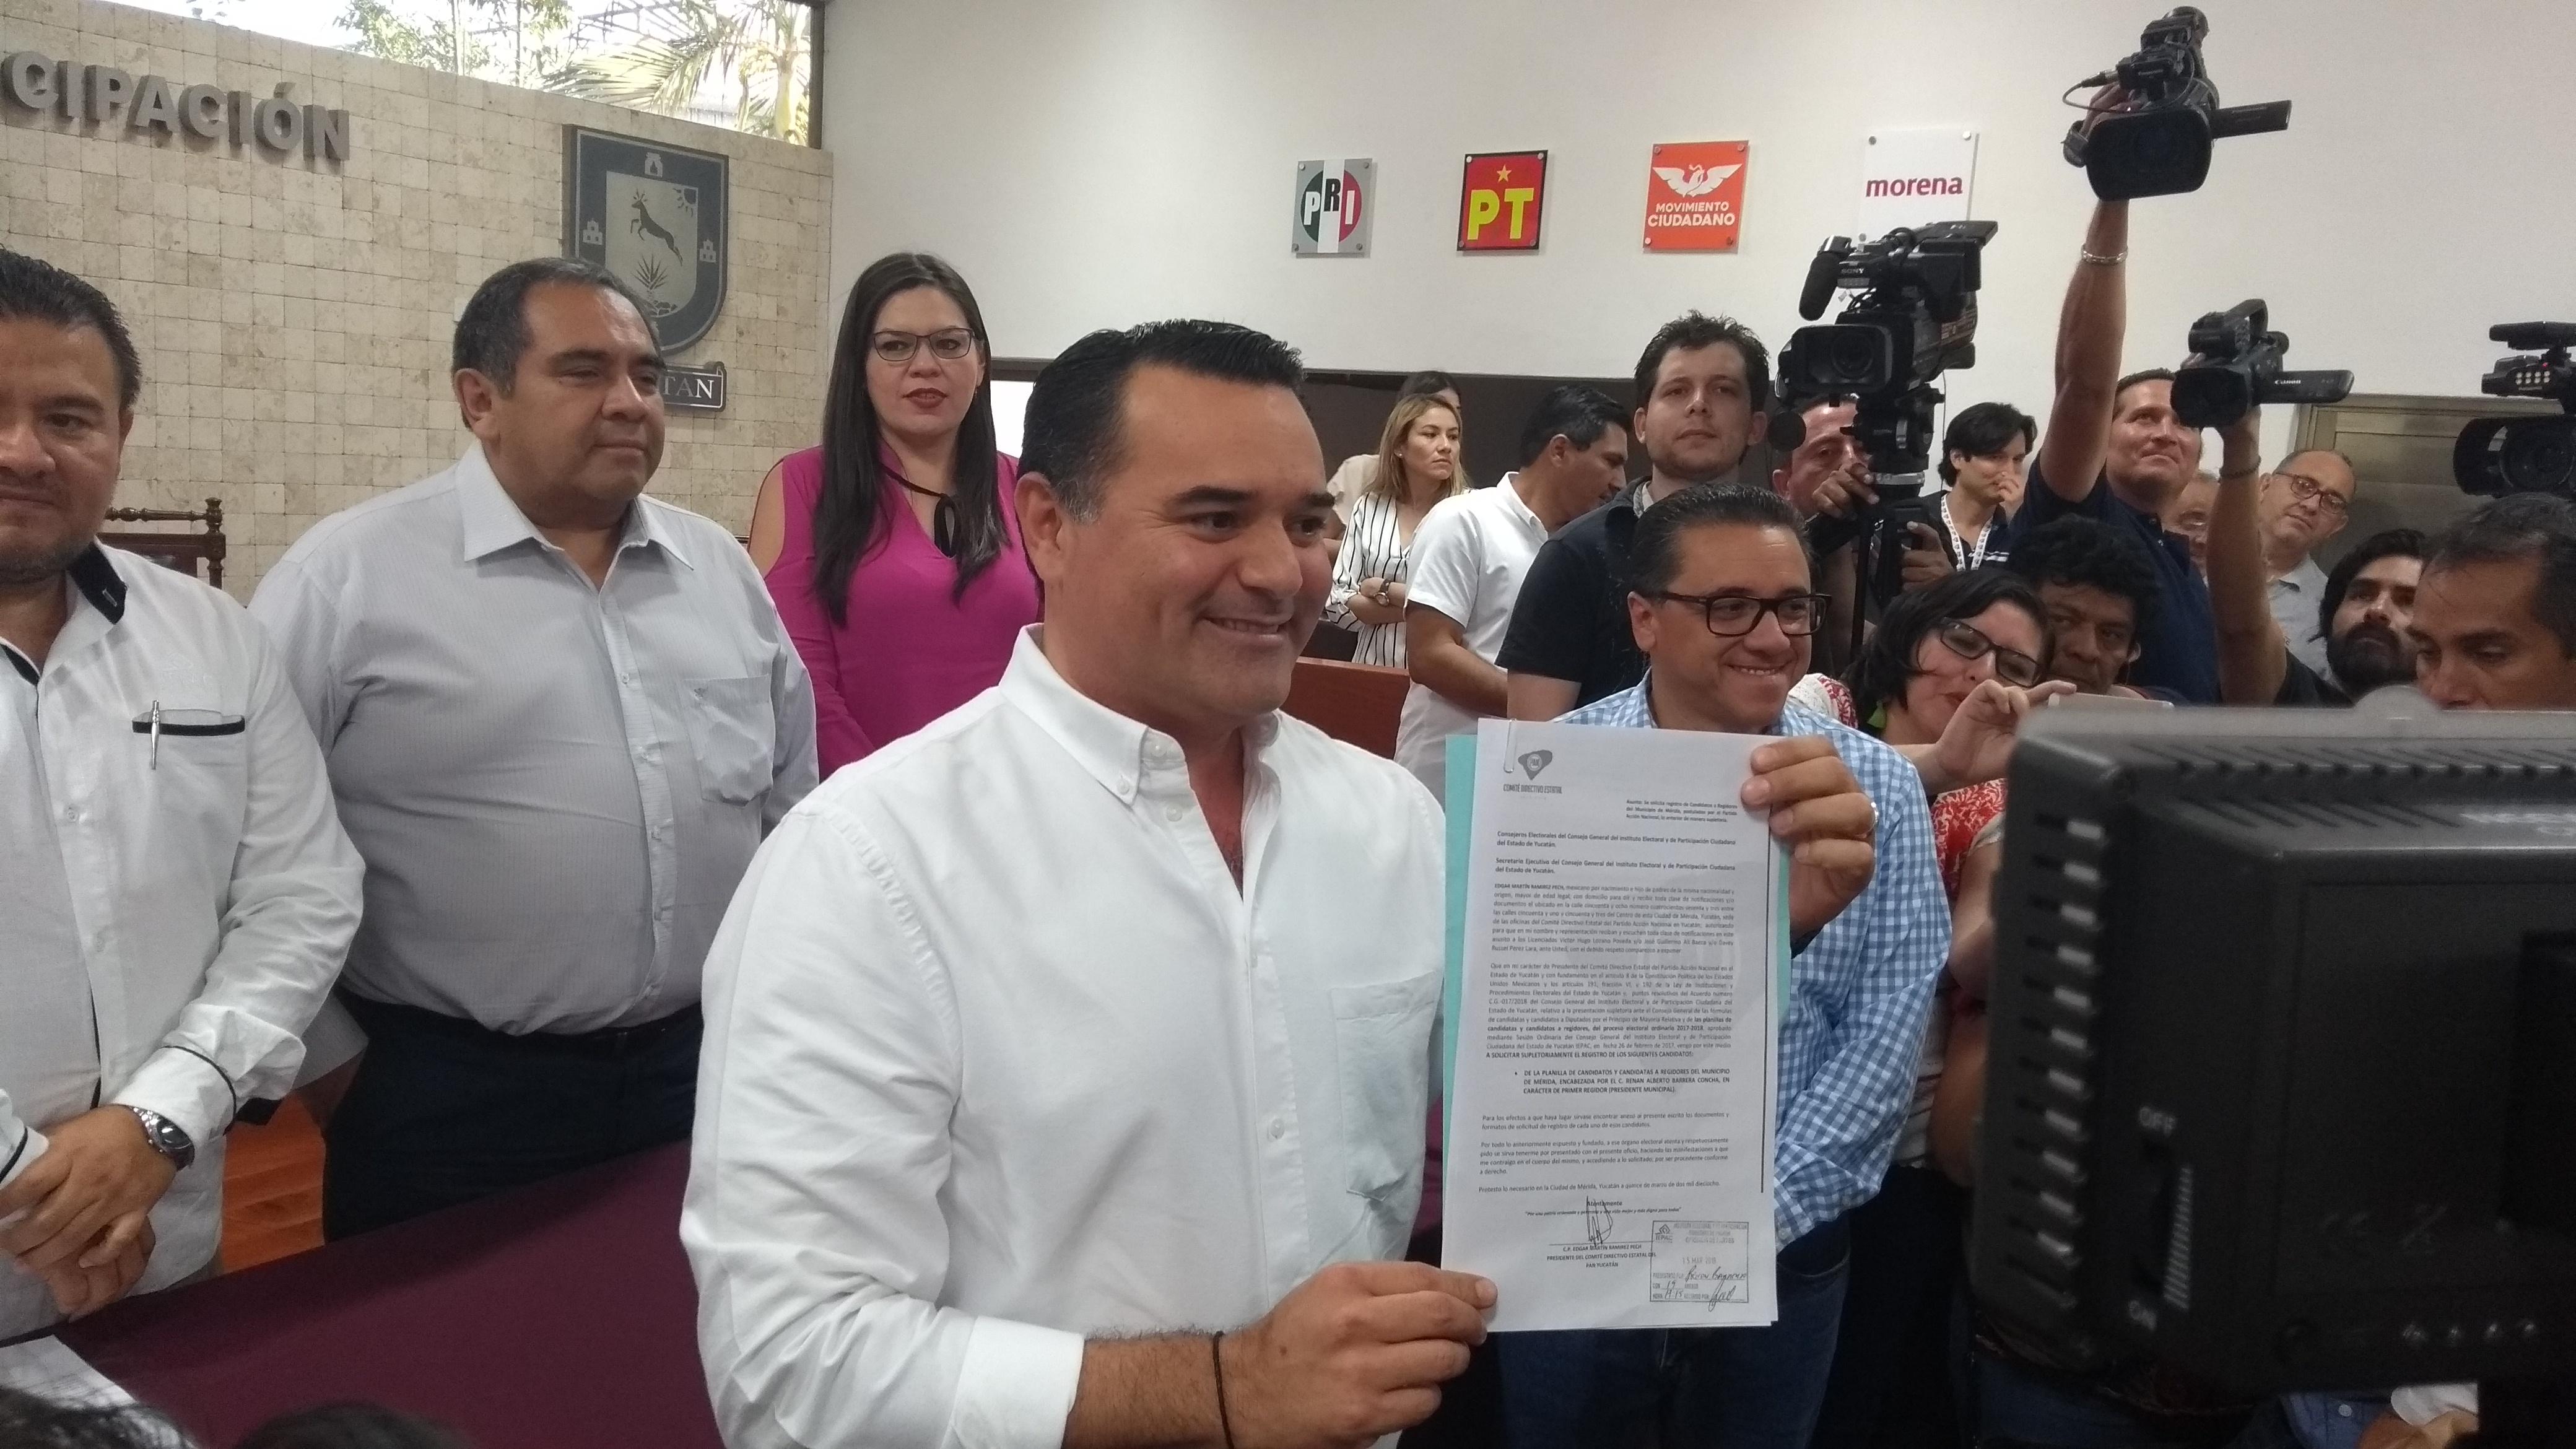 Cuidar imagen y compartir orgullo por Mérida.- Barrera Concha